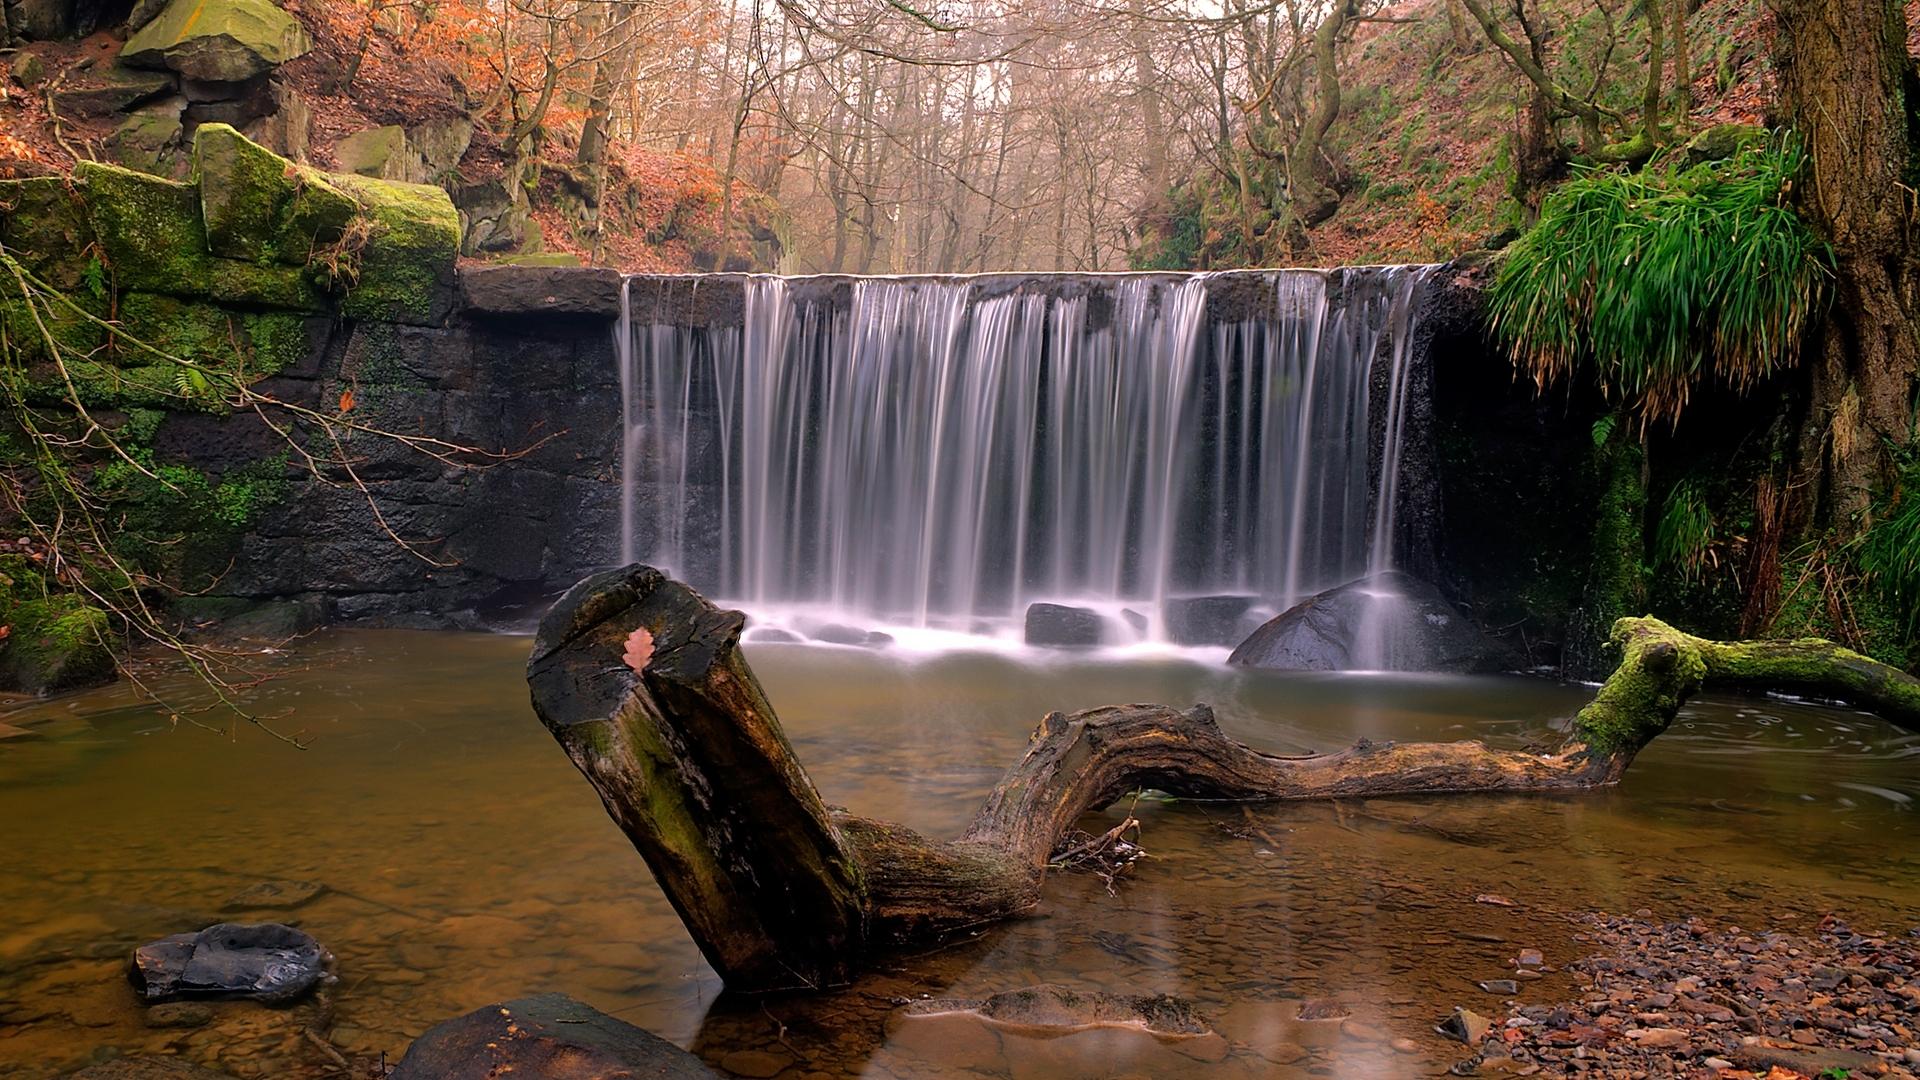 39426 скачать обои Пейзаж, Водопады - заставки и картинки бесплатно